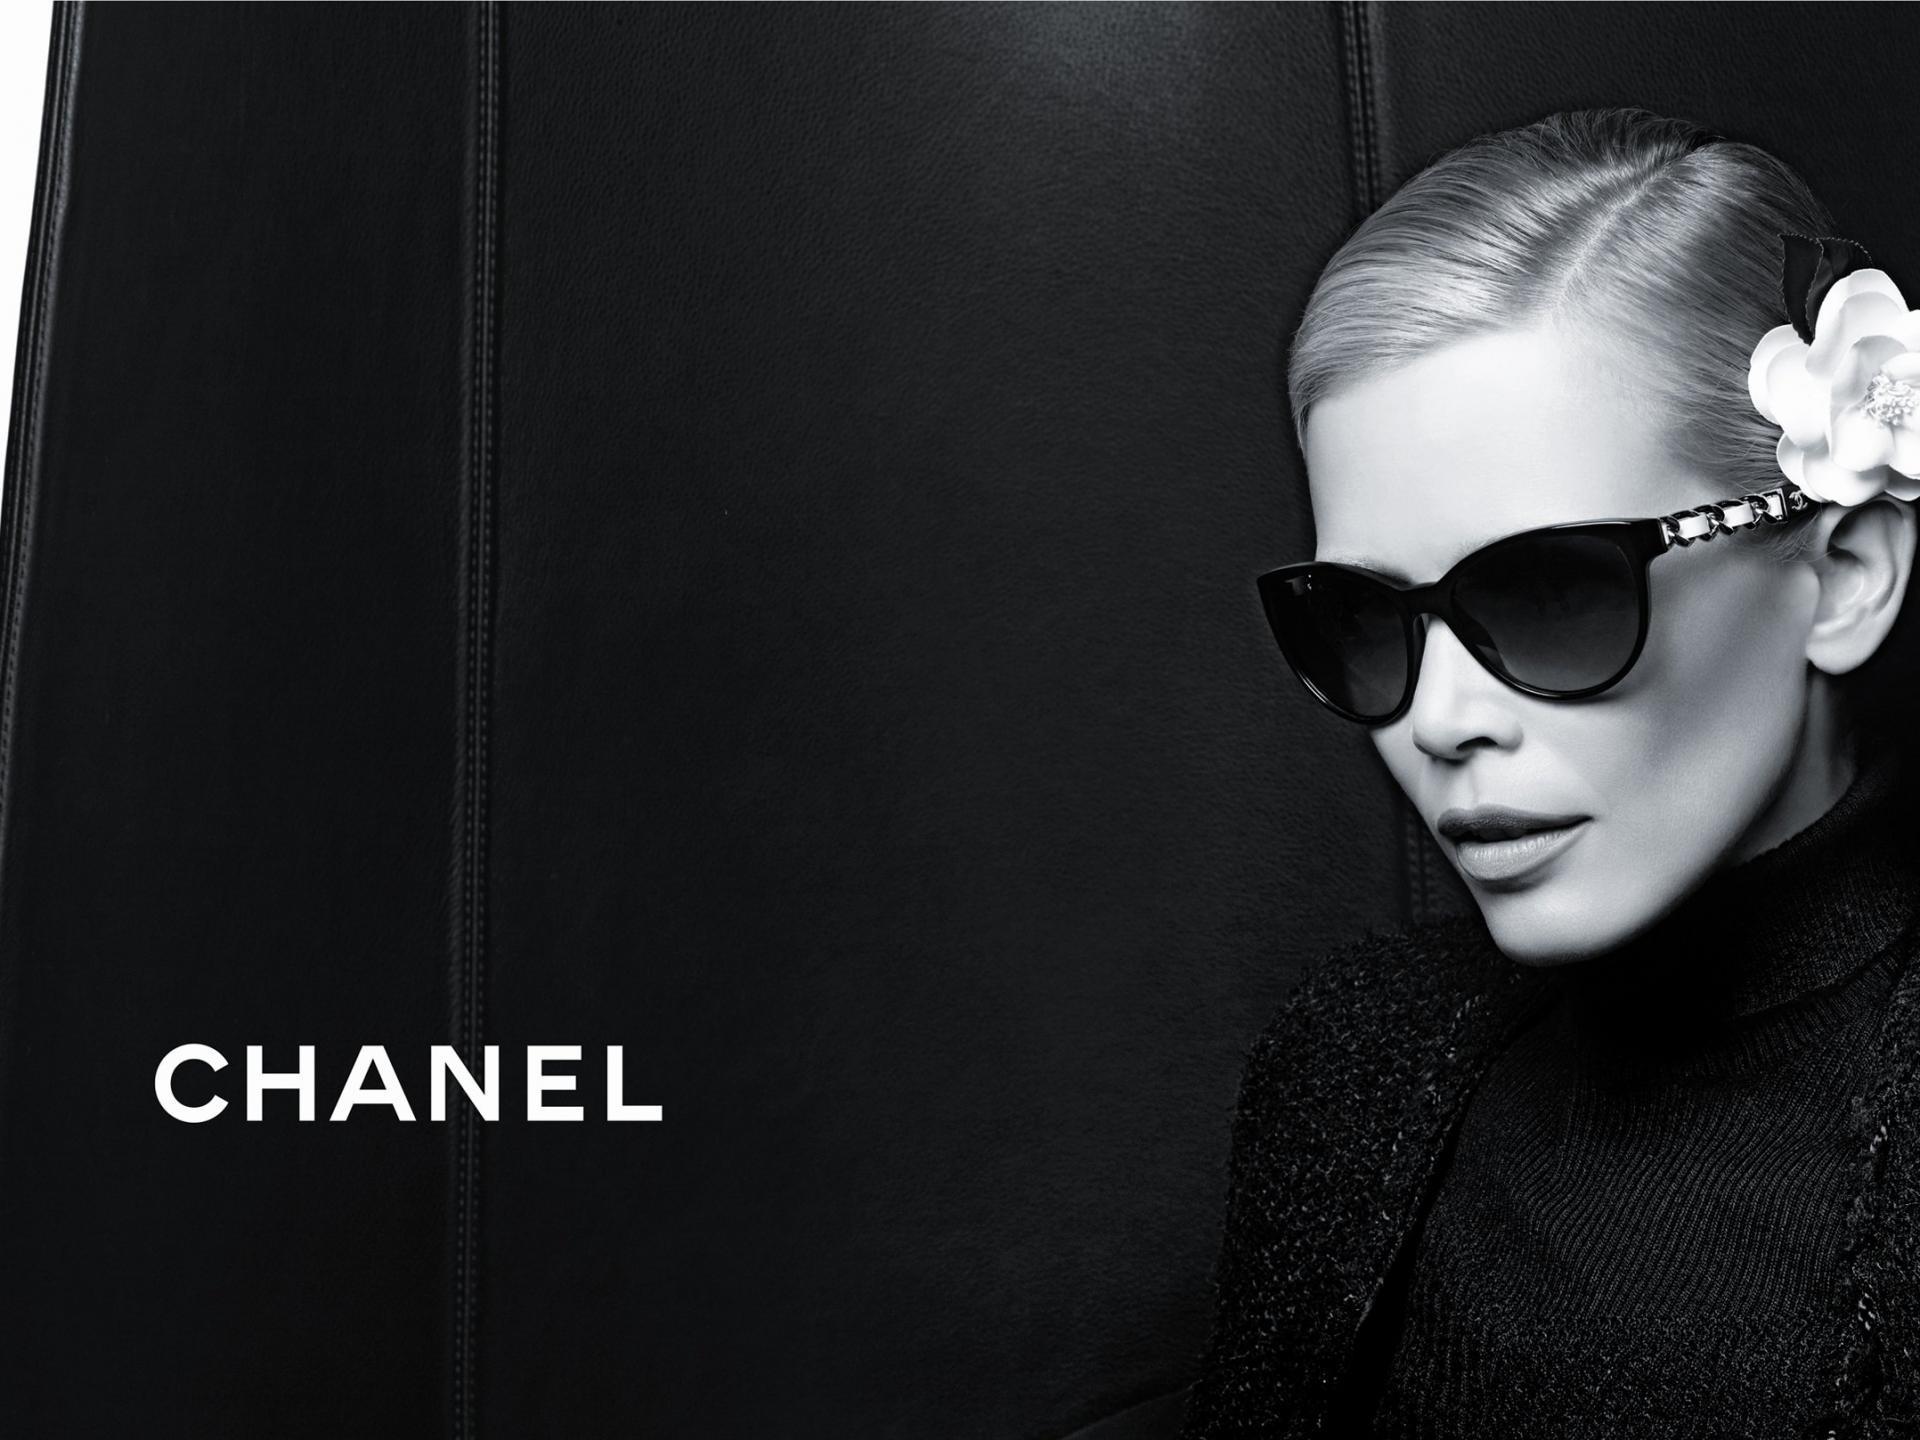 シャネル女の子眼鏡花 ブランド広告の壁紙プレビュー 10wallpaper Com